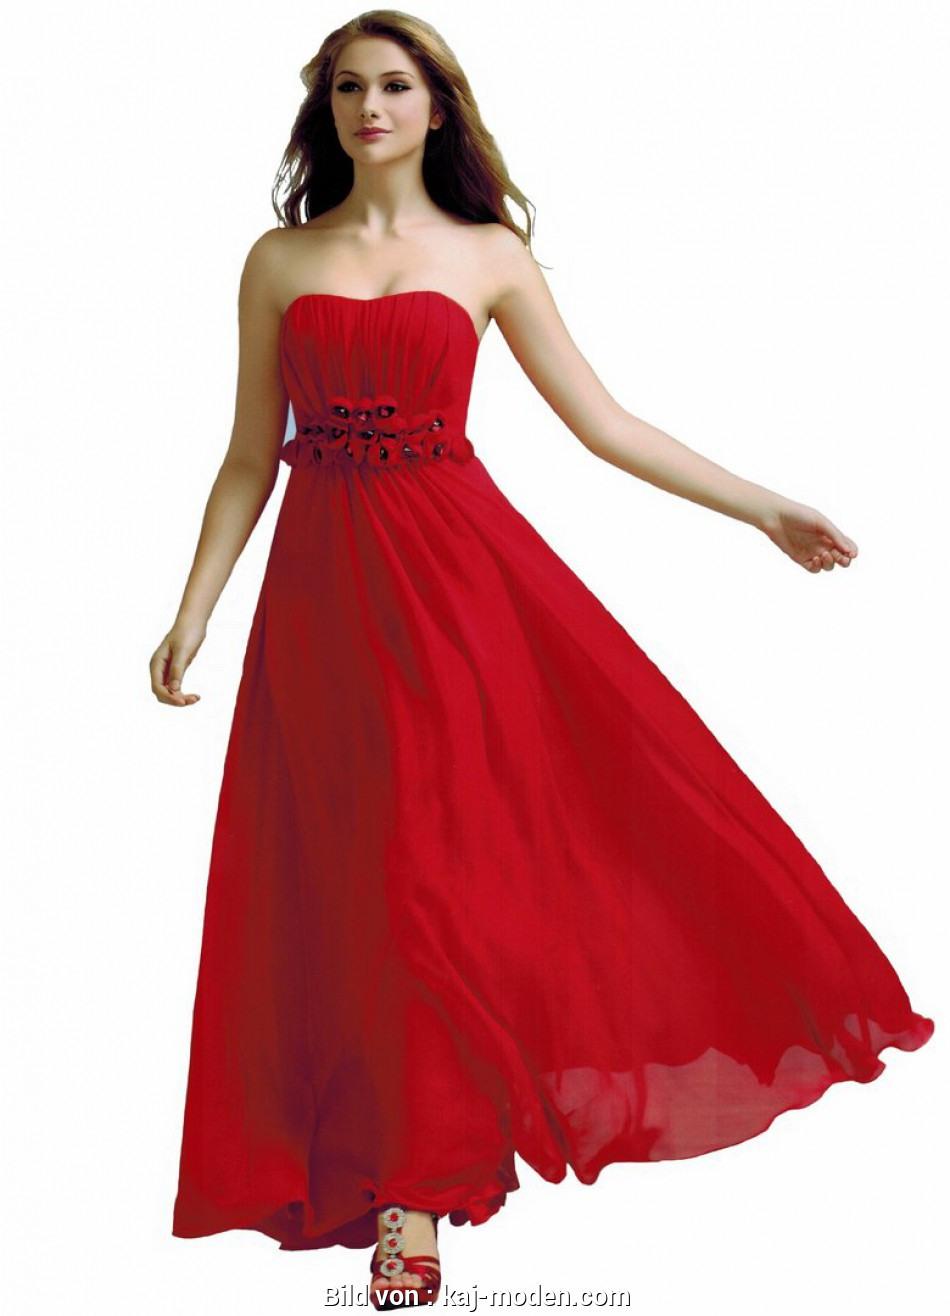 15 Leicht Abendkleider Kurz Elegant Günstig StylishFormal Schön Abendkleider Kurz Elegant Günstig für 2019